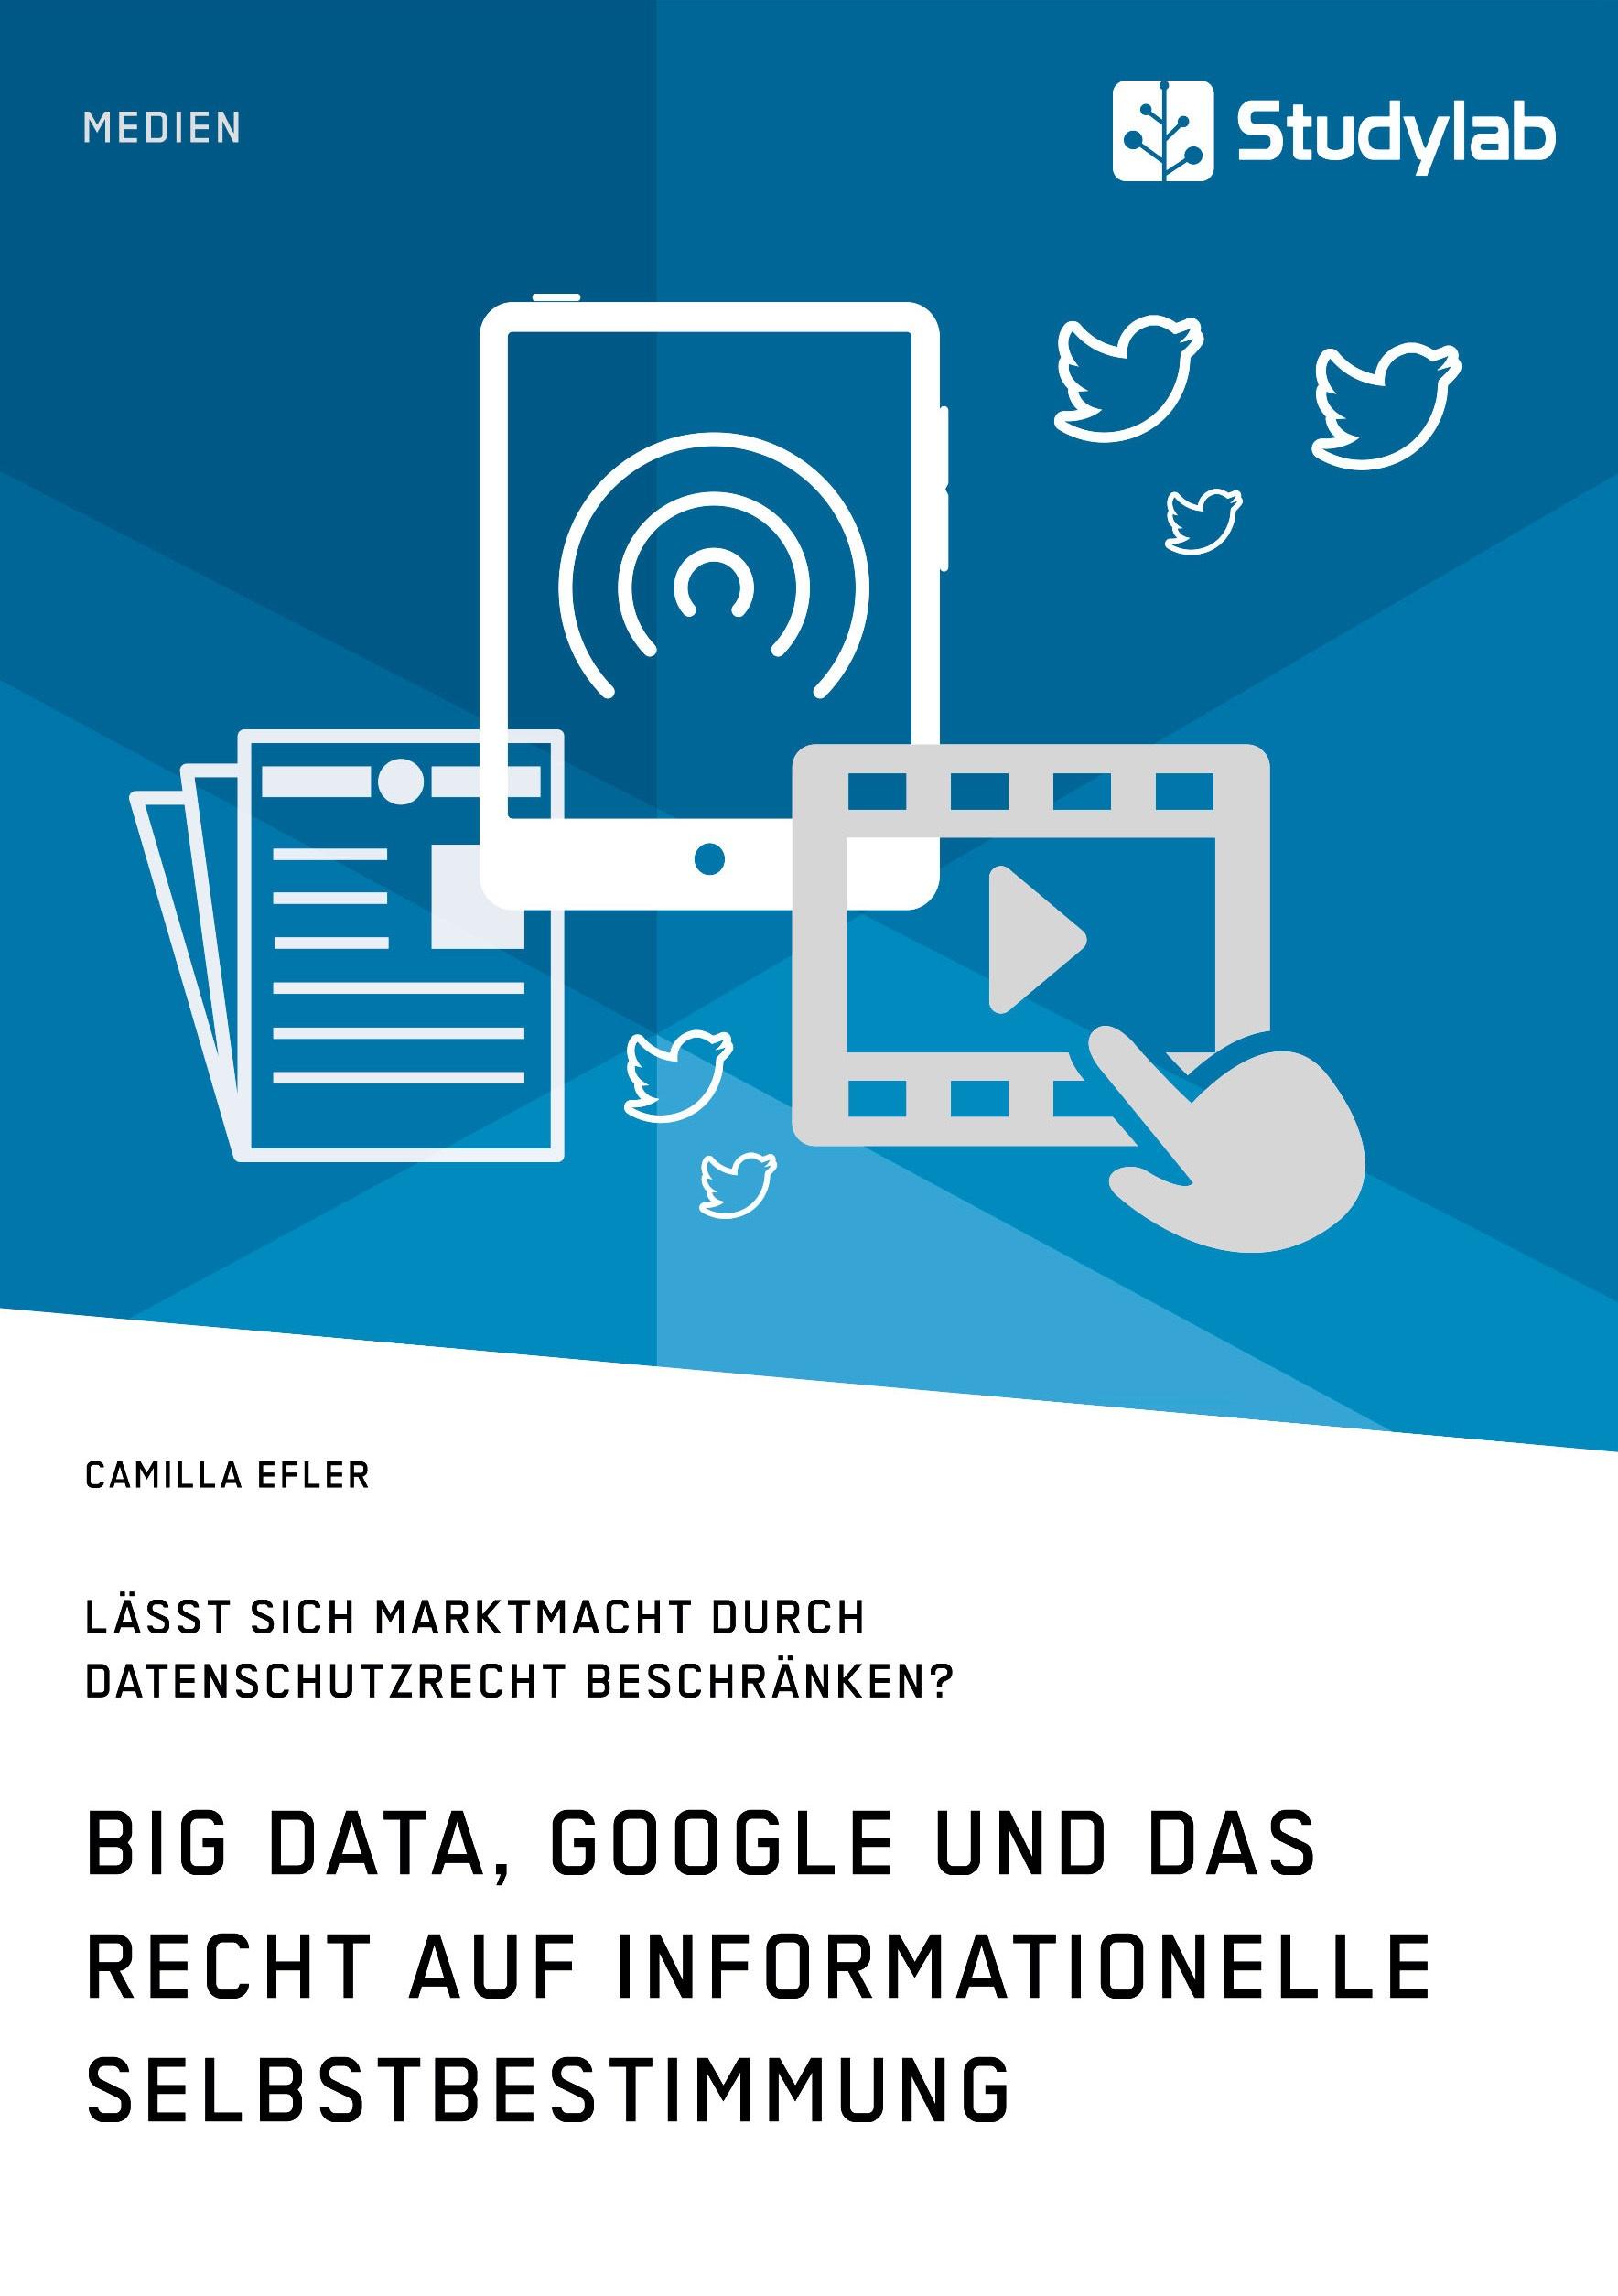 Titel: Big Data, Google und das Recht auf informationelle Selbstbestimmung